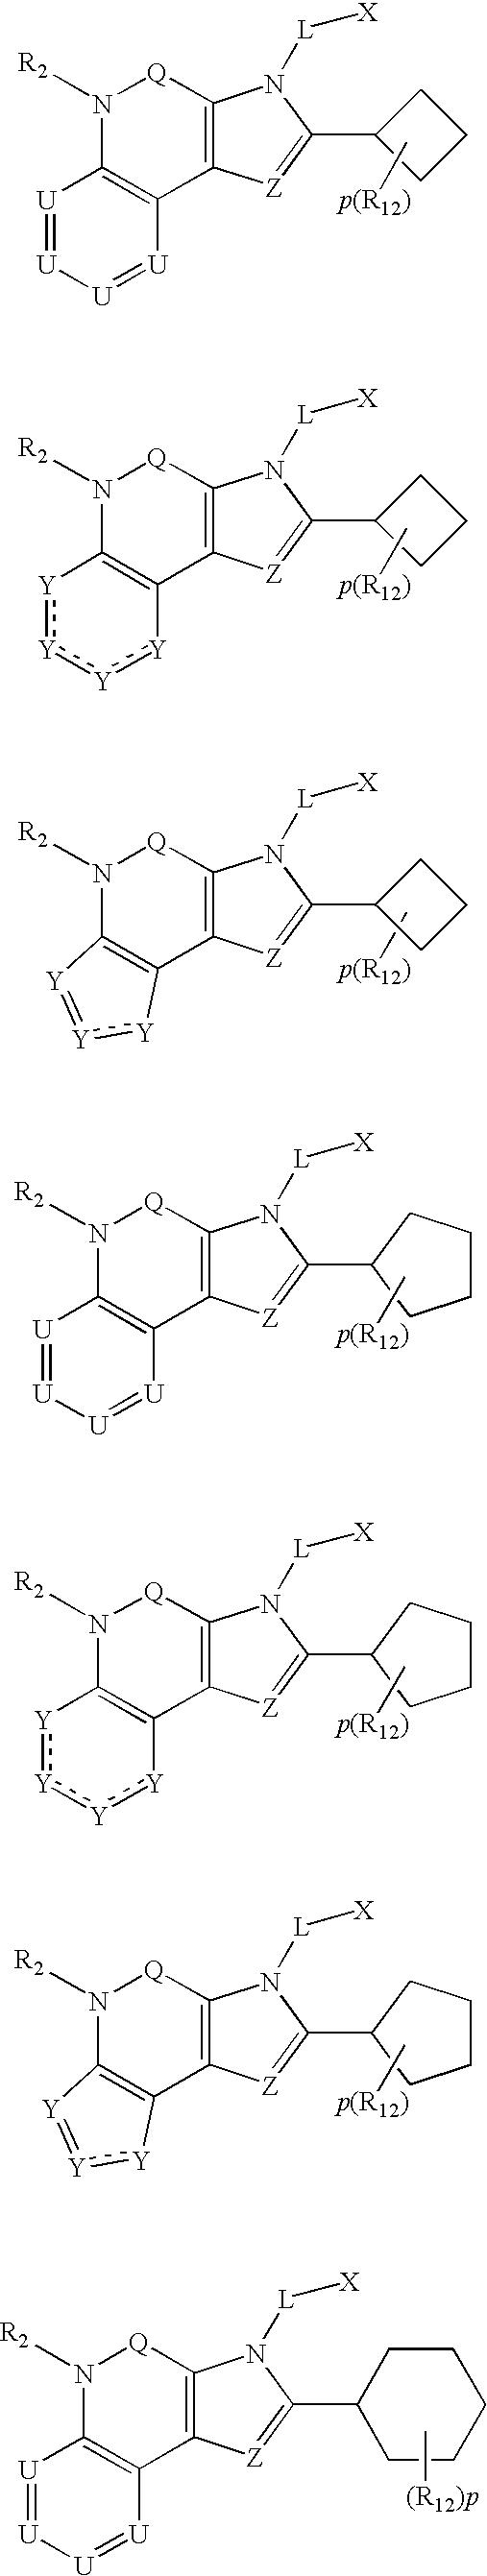 Figure US07678909-20100316-C00020